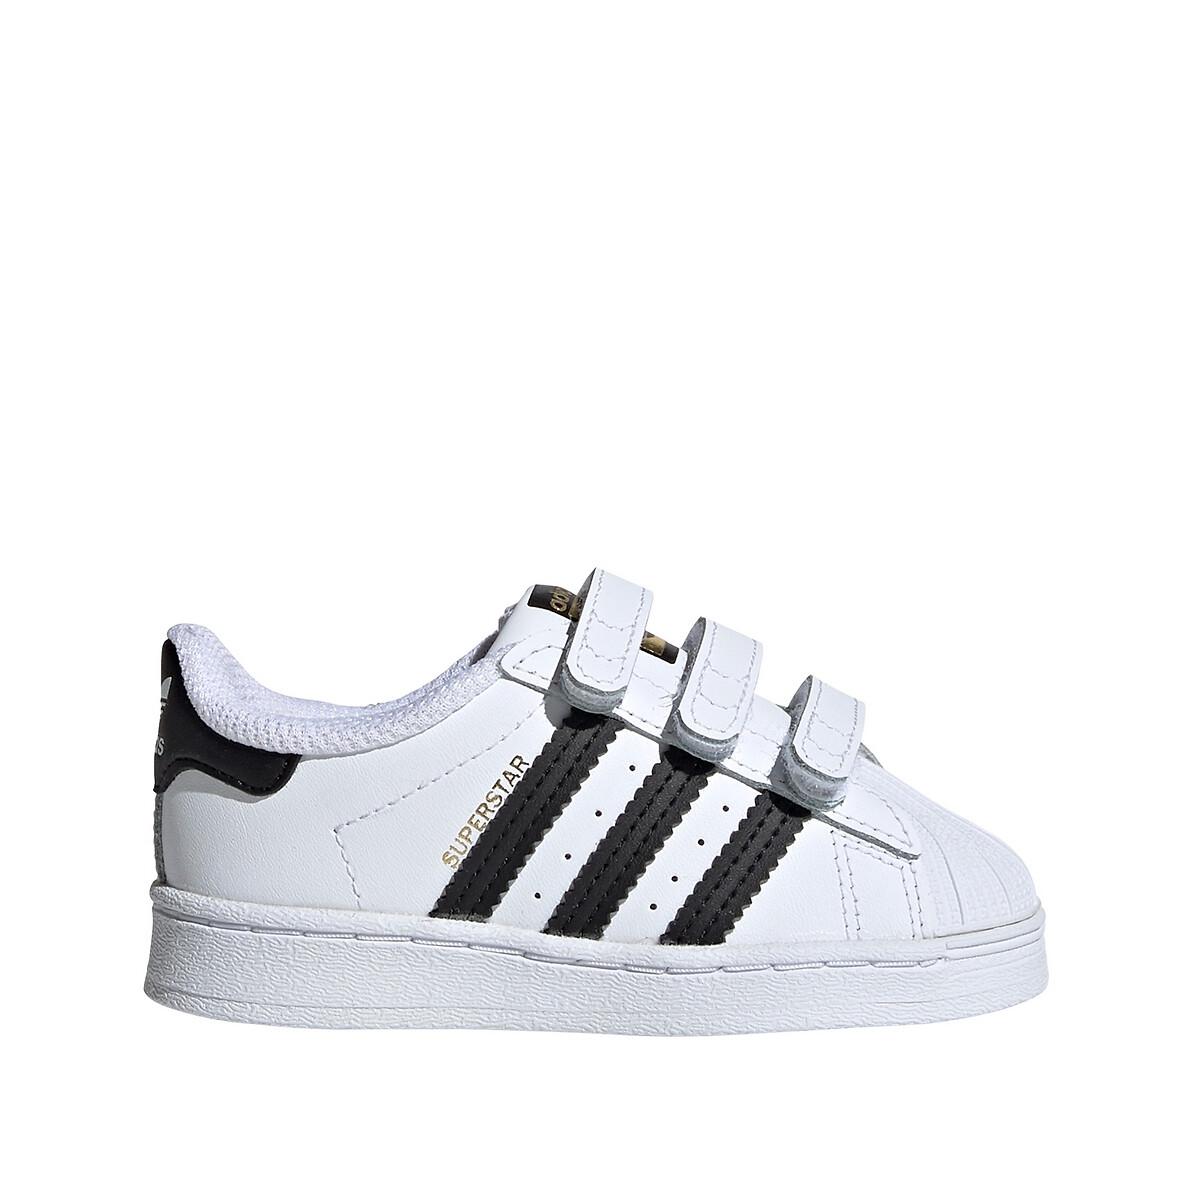 Adidas Originals Superstar CF I sneakers wit/zwart online kopen